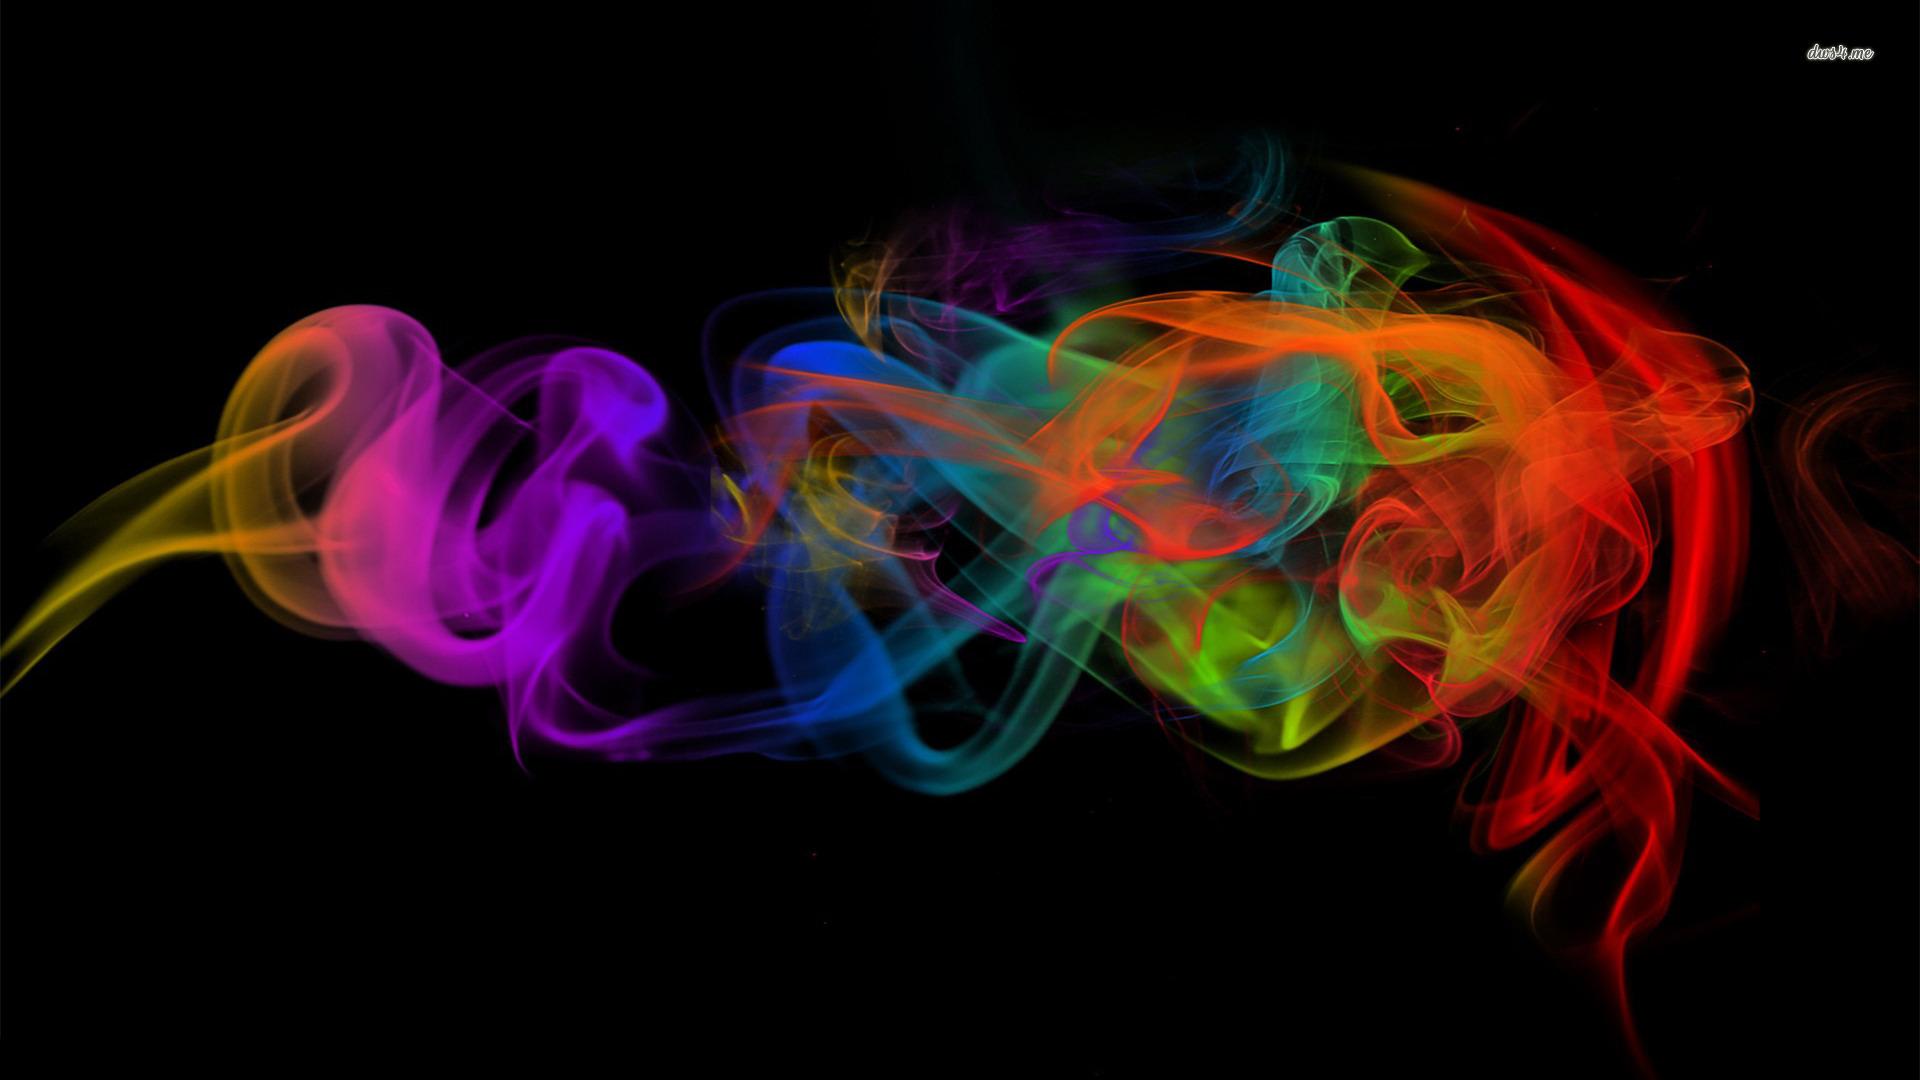 Colored Smoke Tumblr Gif